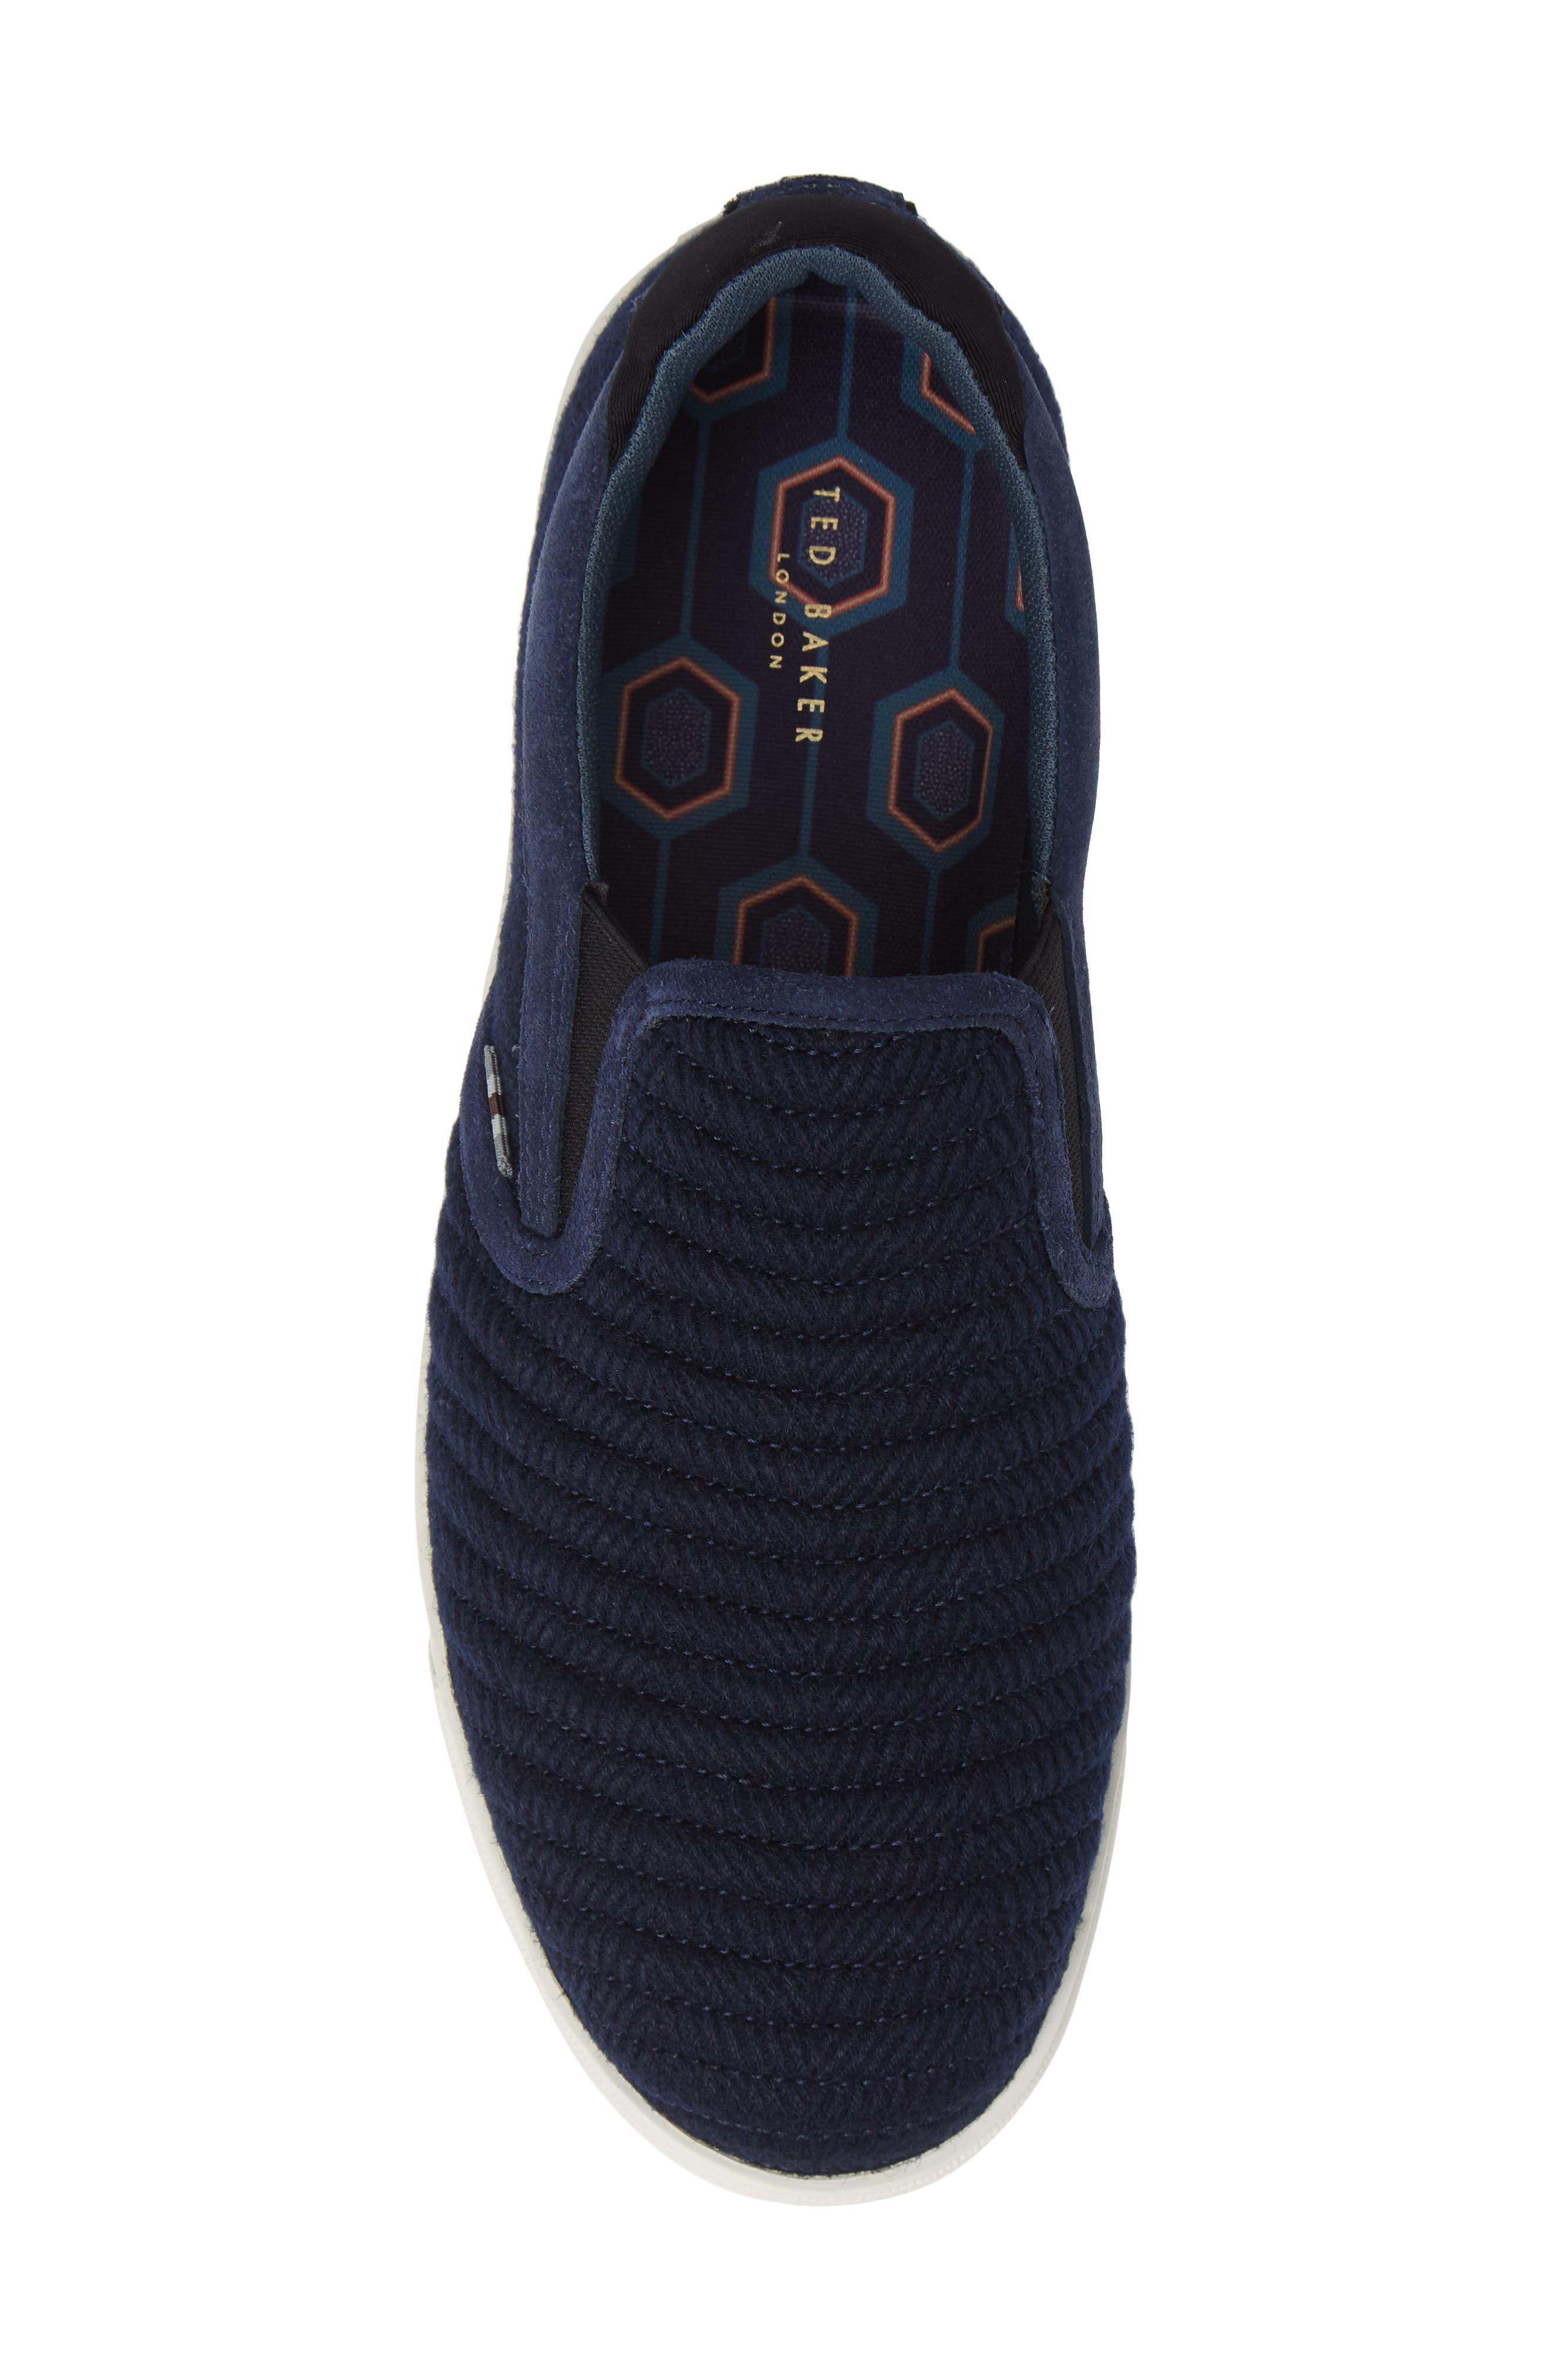 Daniam Slip-On Sneaker,                             Alternate thumbnail 5, color,                             DARK BLUE WOOL